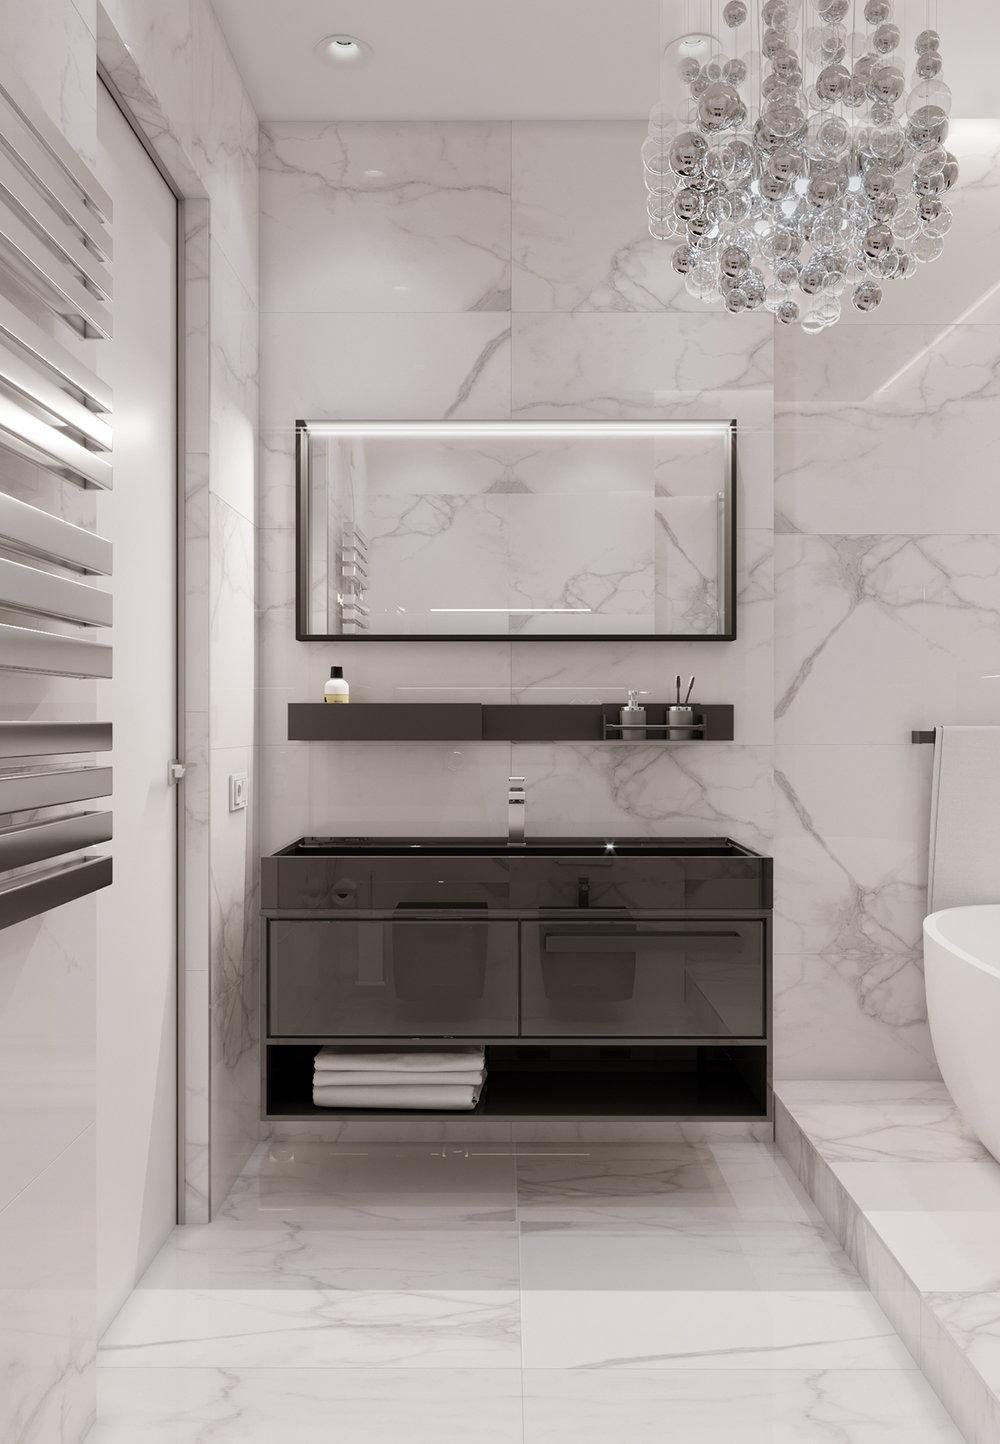 26.Ванная комната вариант_2_ракурс_1.jpg